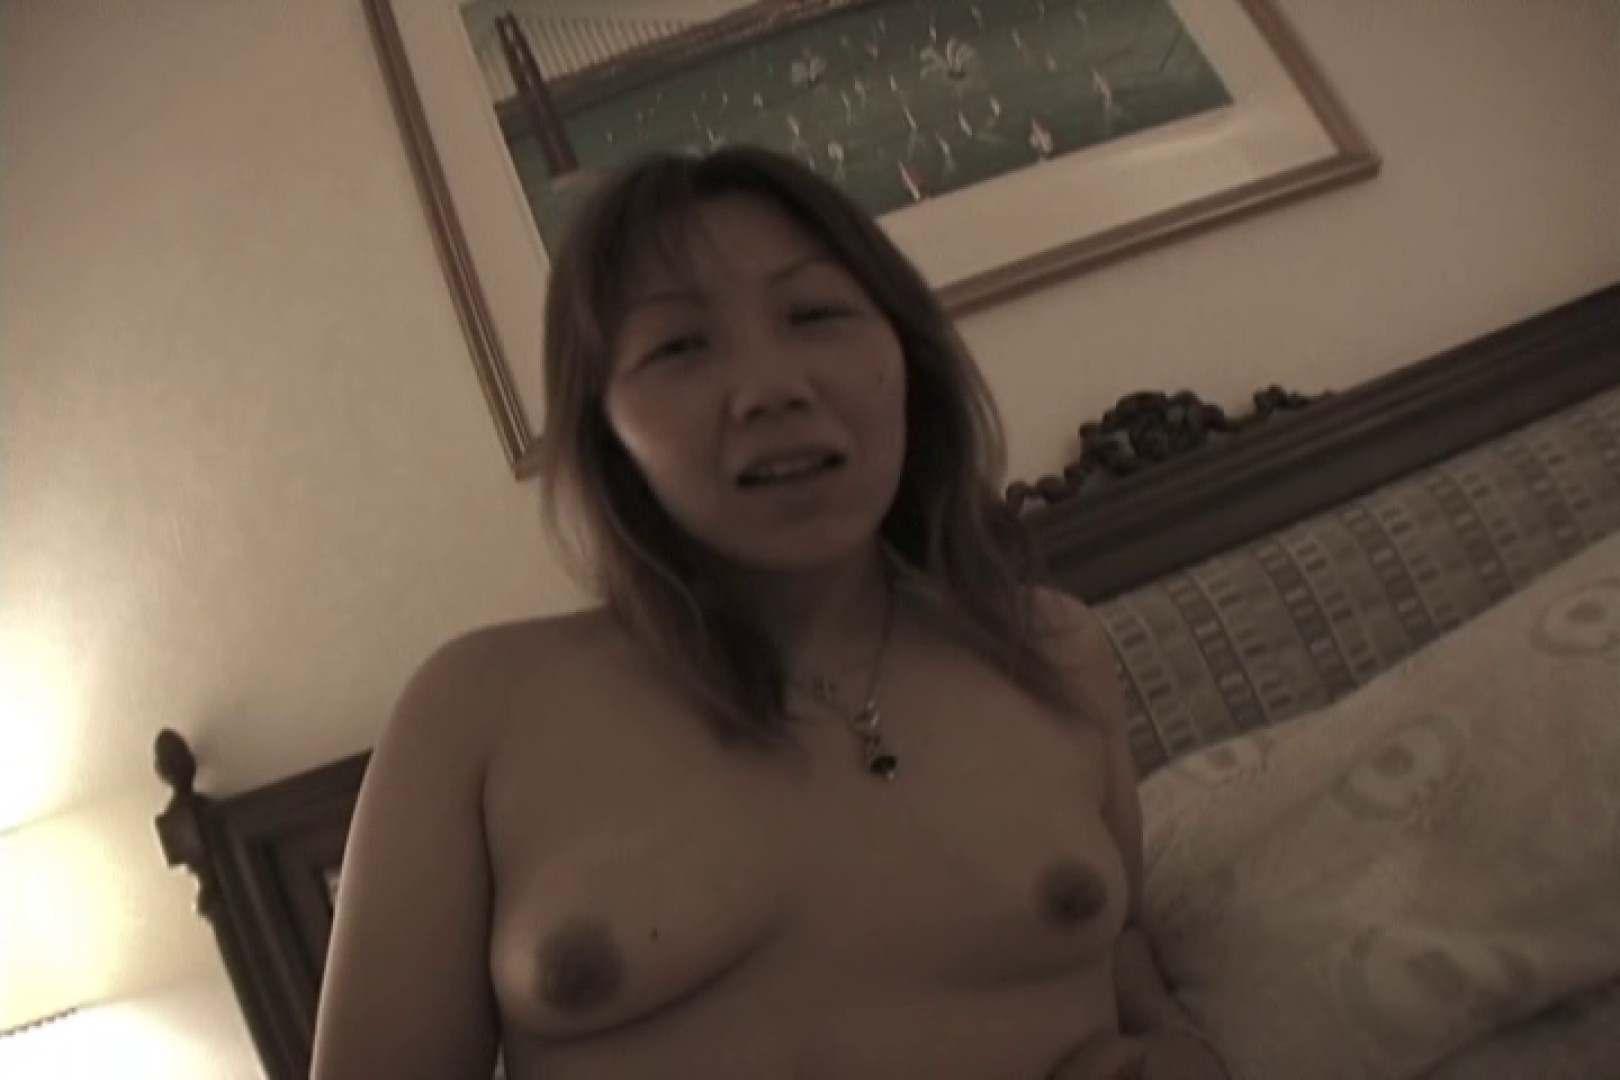 ツンデレ素人嬢もチンポには弱い~増田あけみ~ 0  75連発 52